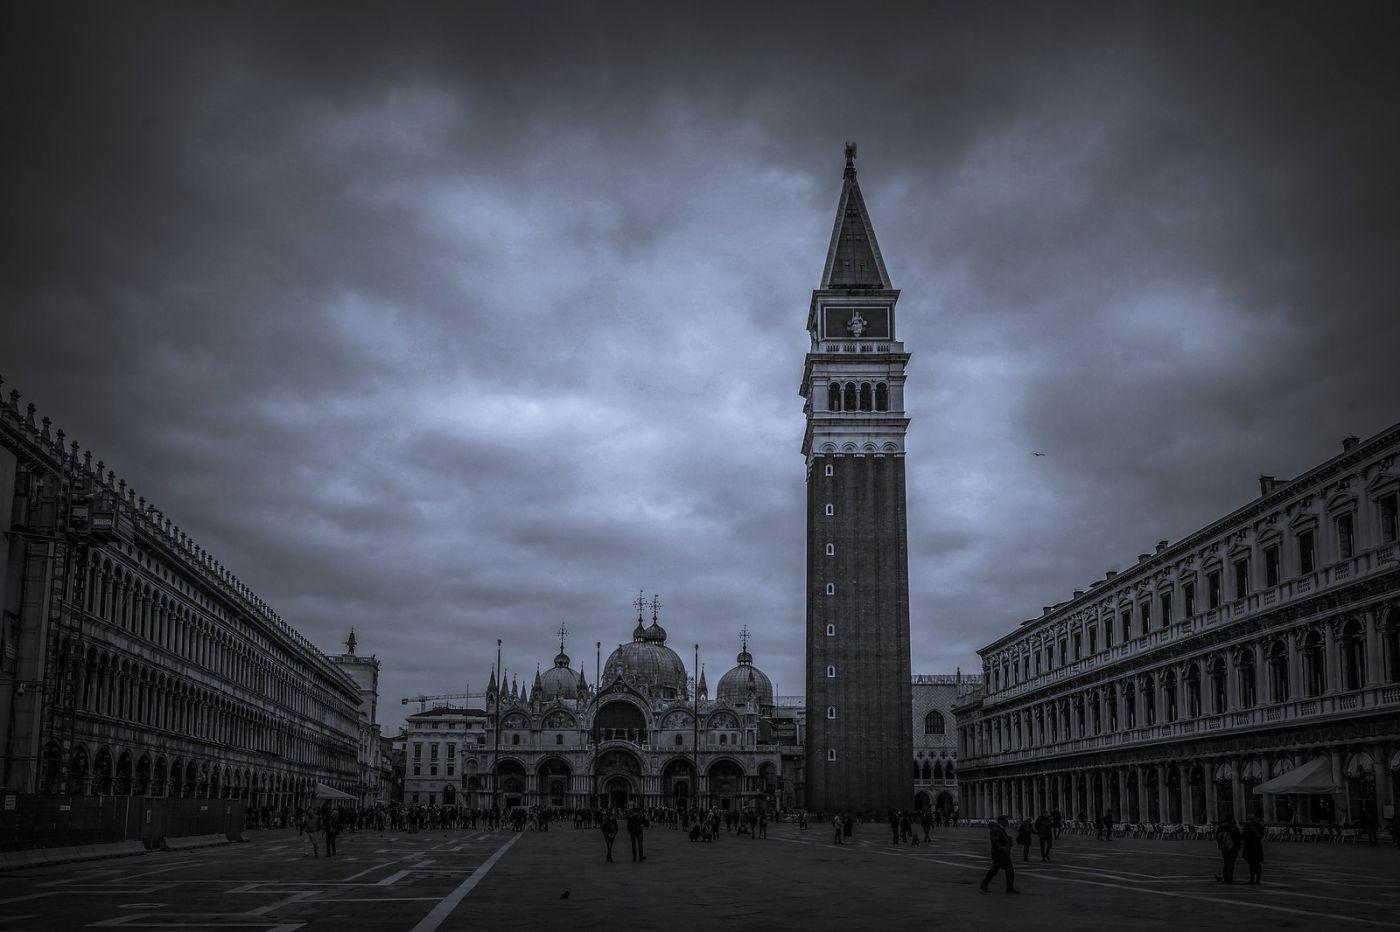 威尼斯圣马可广场(St Mark's Square), 独一无二_图1-26